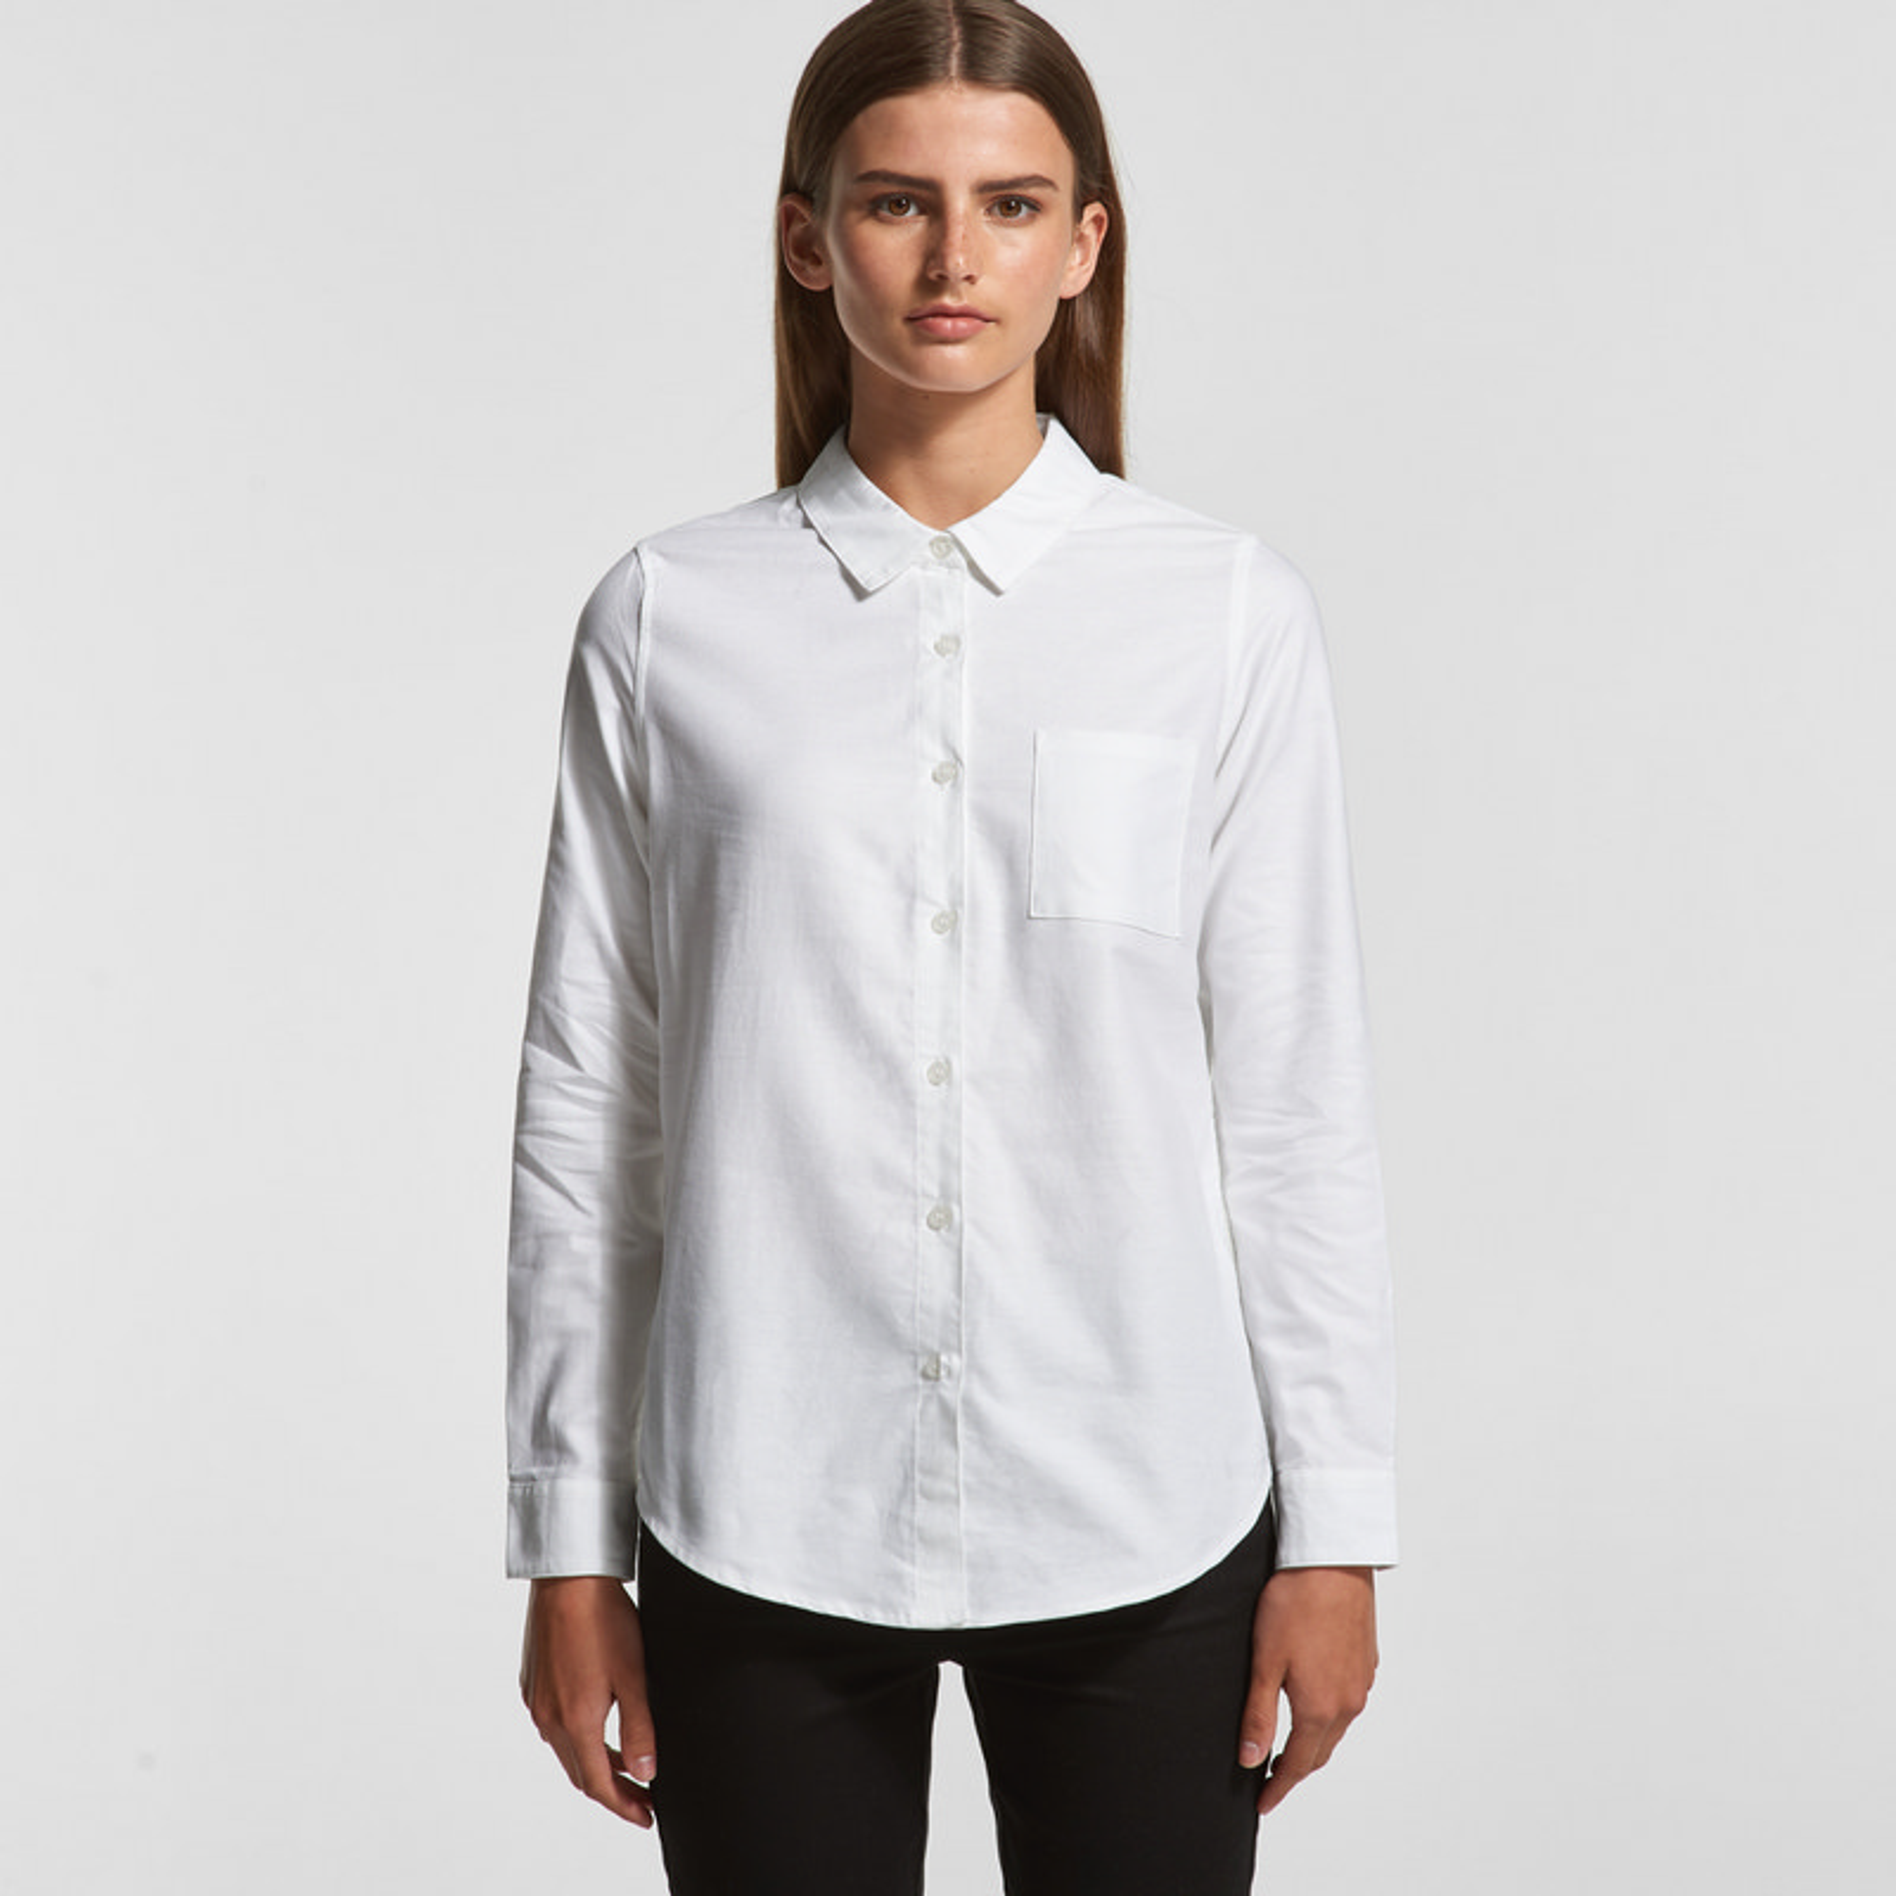 AS Colour Womens Oxford Shirt